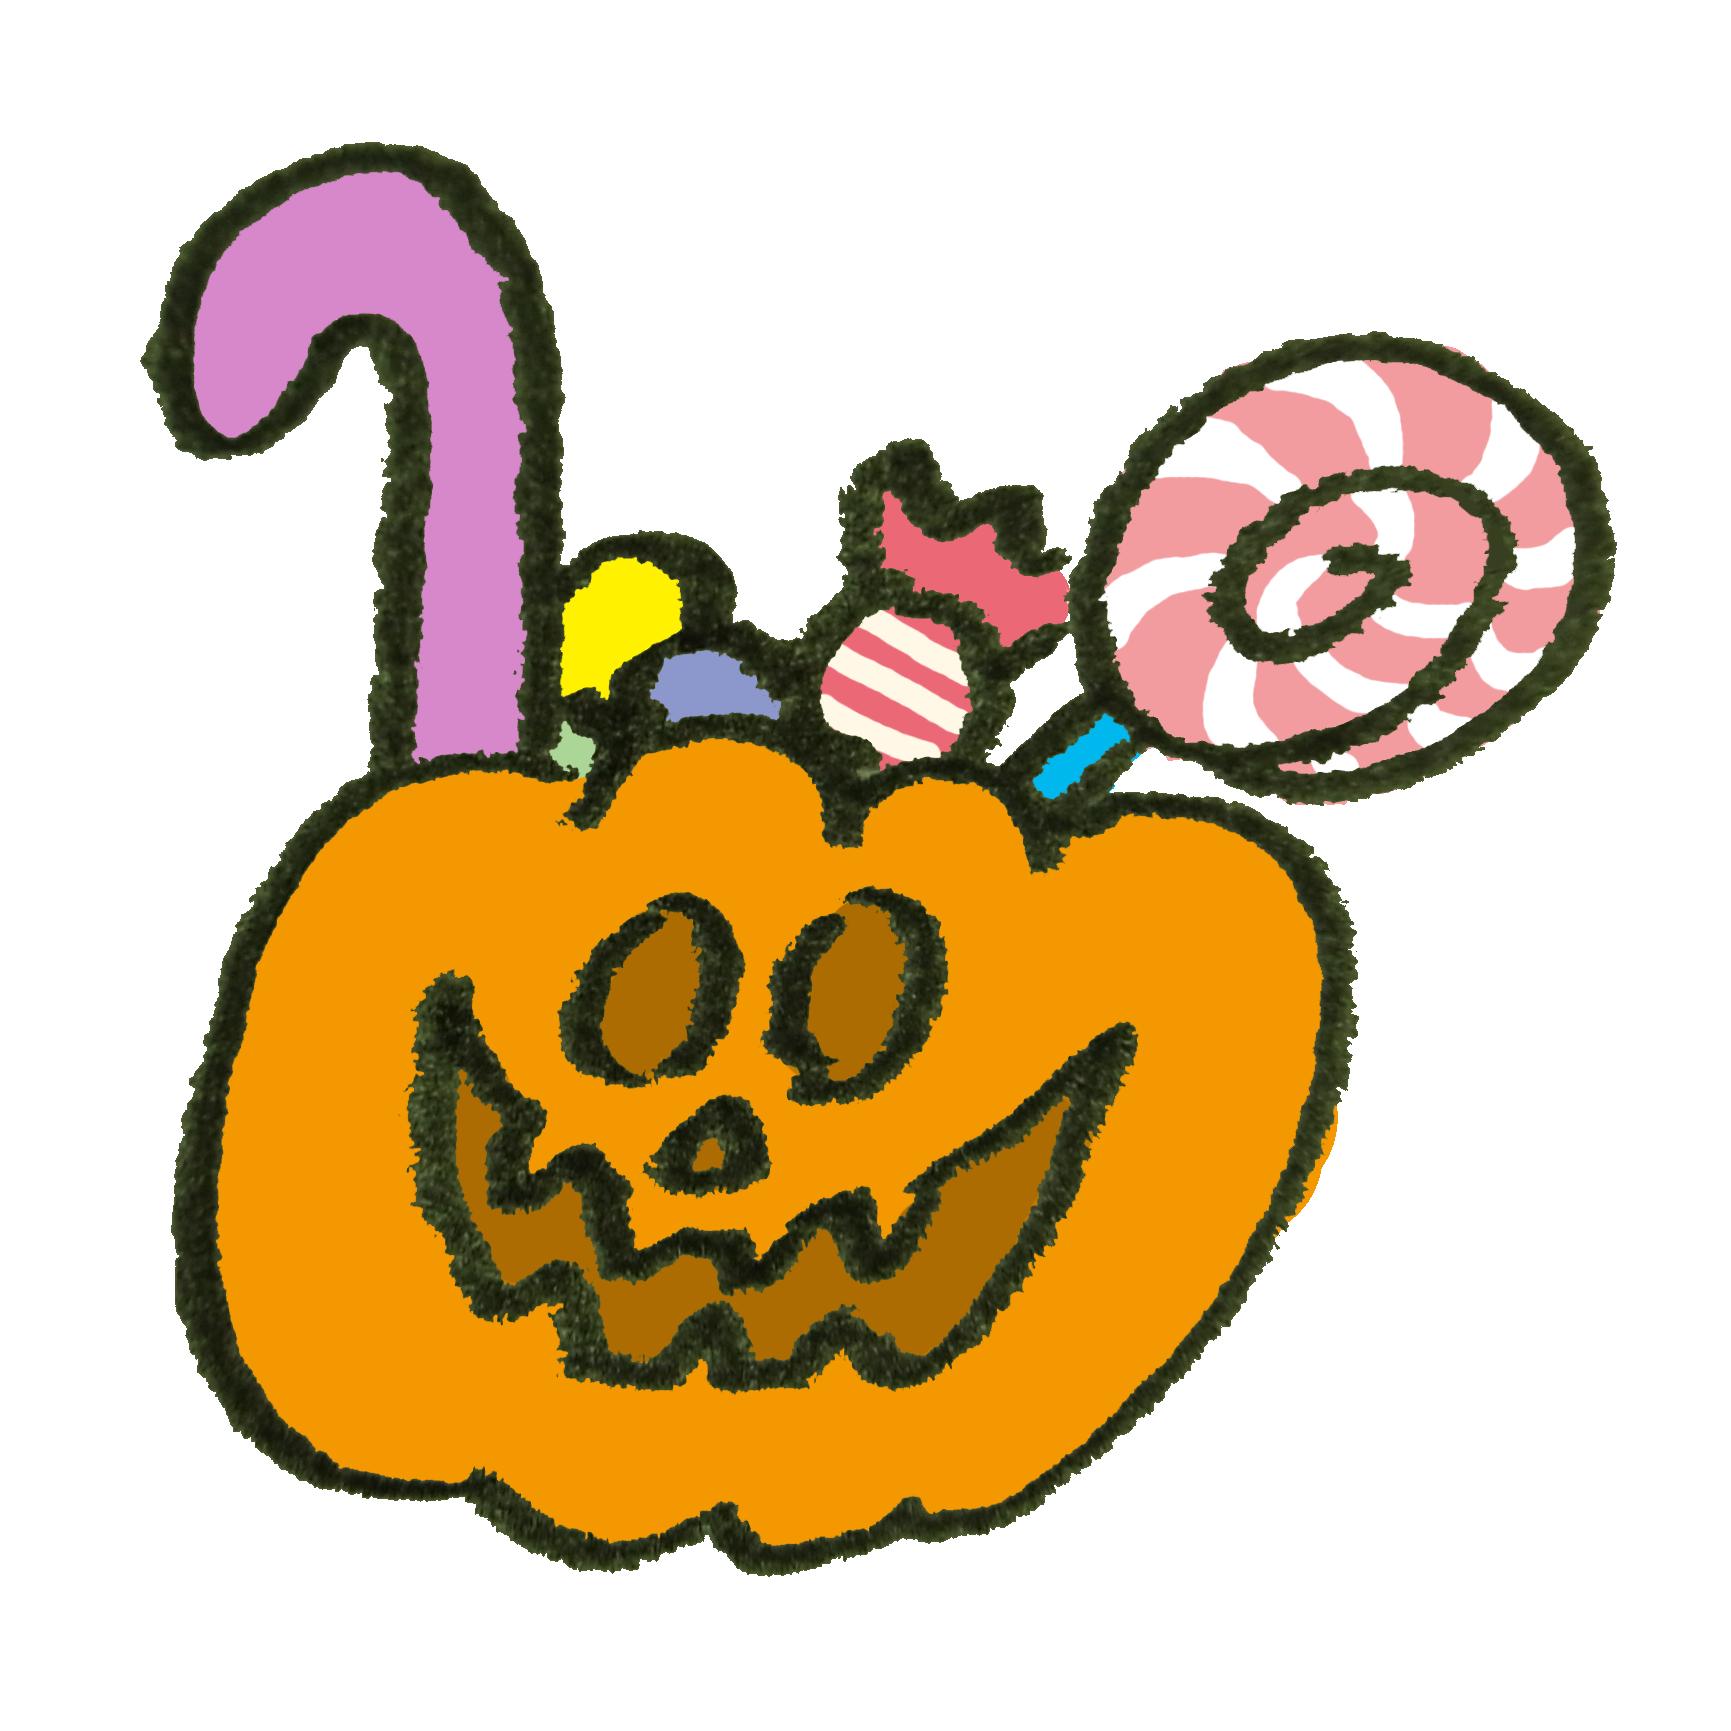 ハロウィンにそなえてオバケかぼちゃの中にお菓子をぎっしり詰め込んだ